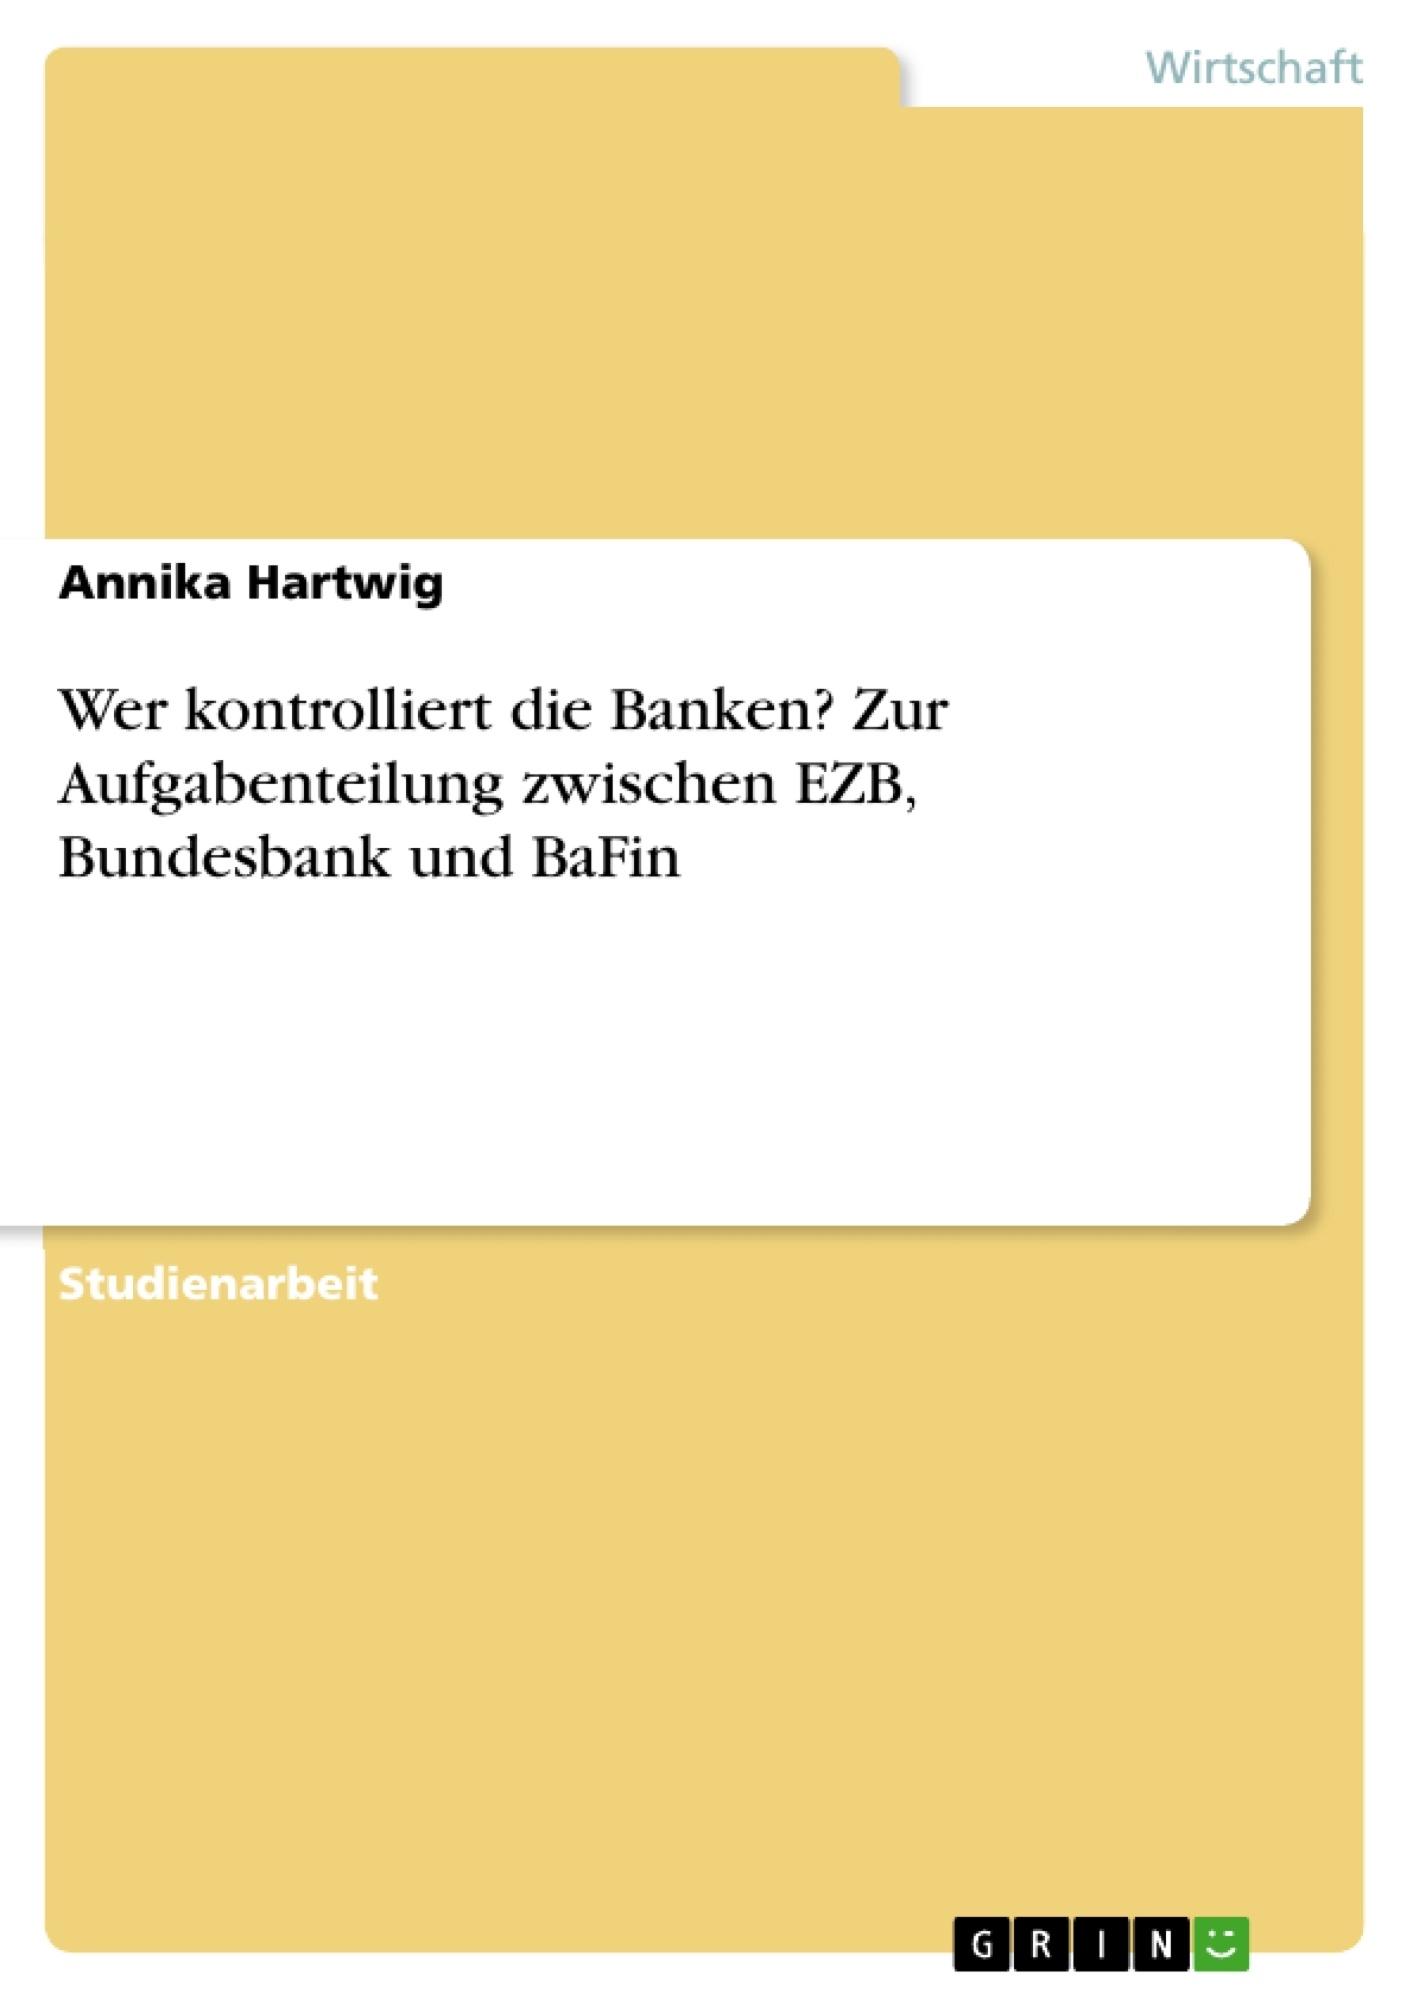 Titel: Wer kontrolliert die Banken? Zur Aufgabenteilung zwischen EZB, Bundesbank und BaFin